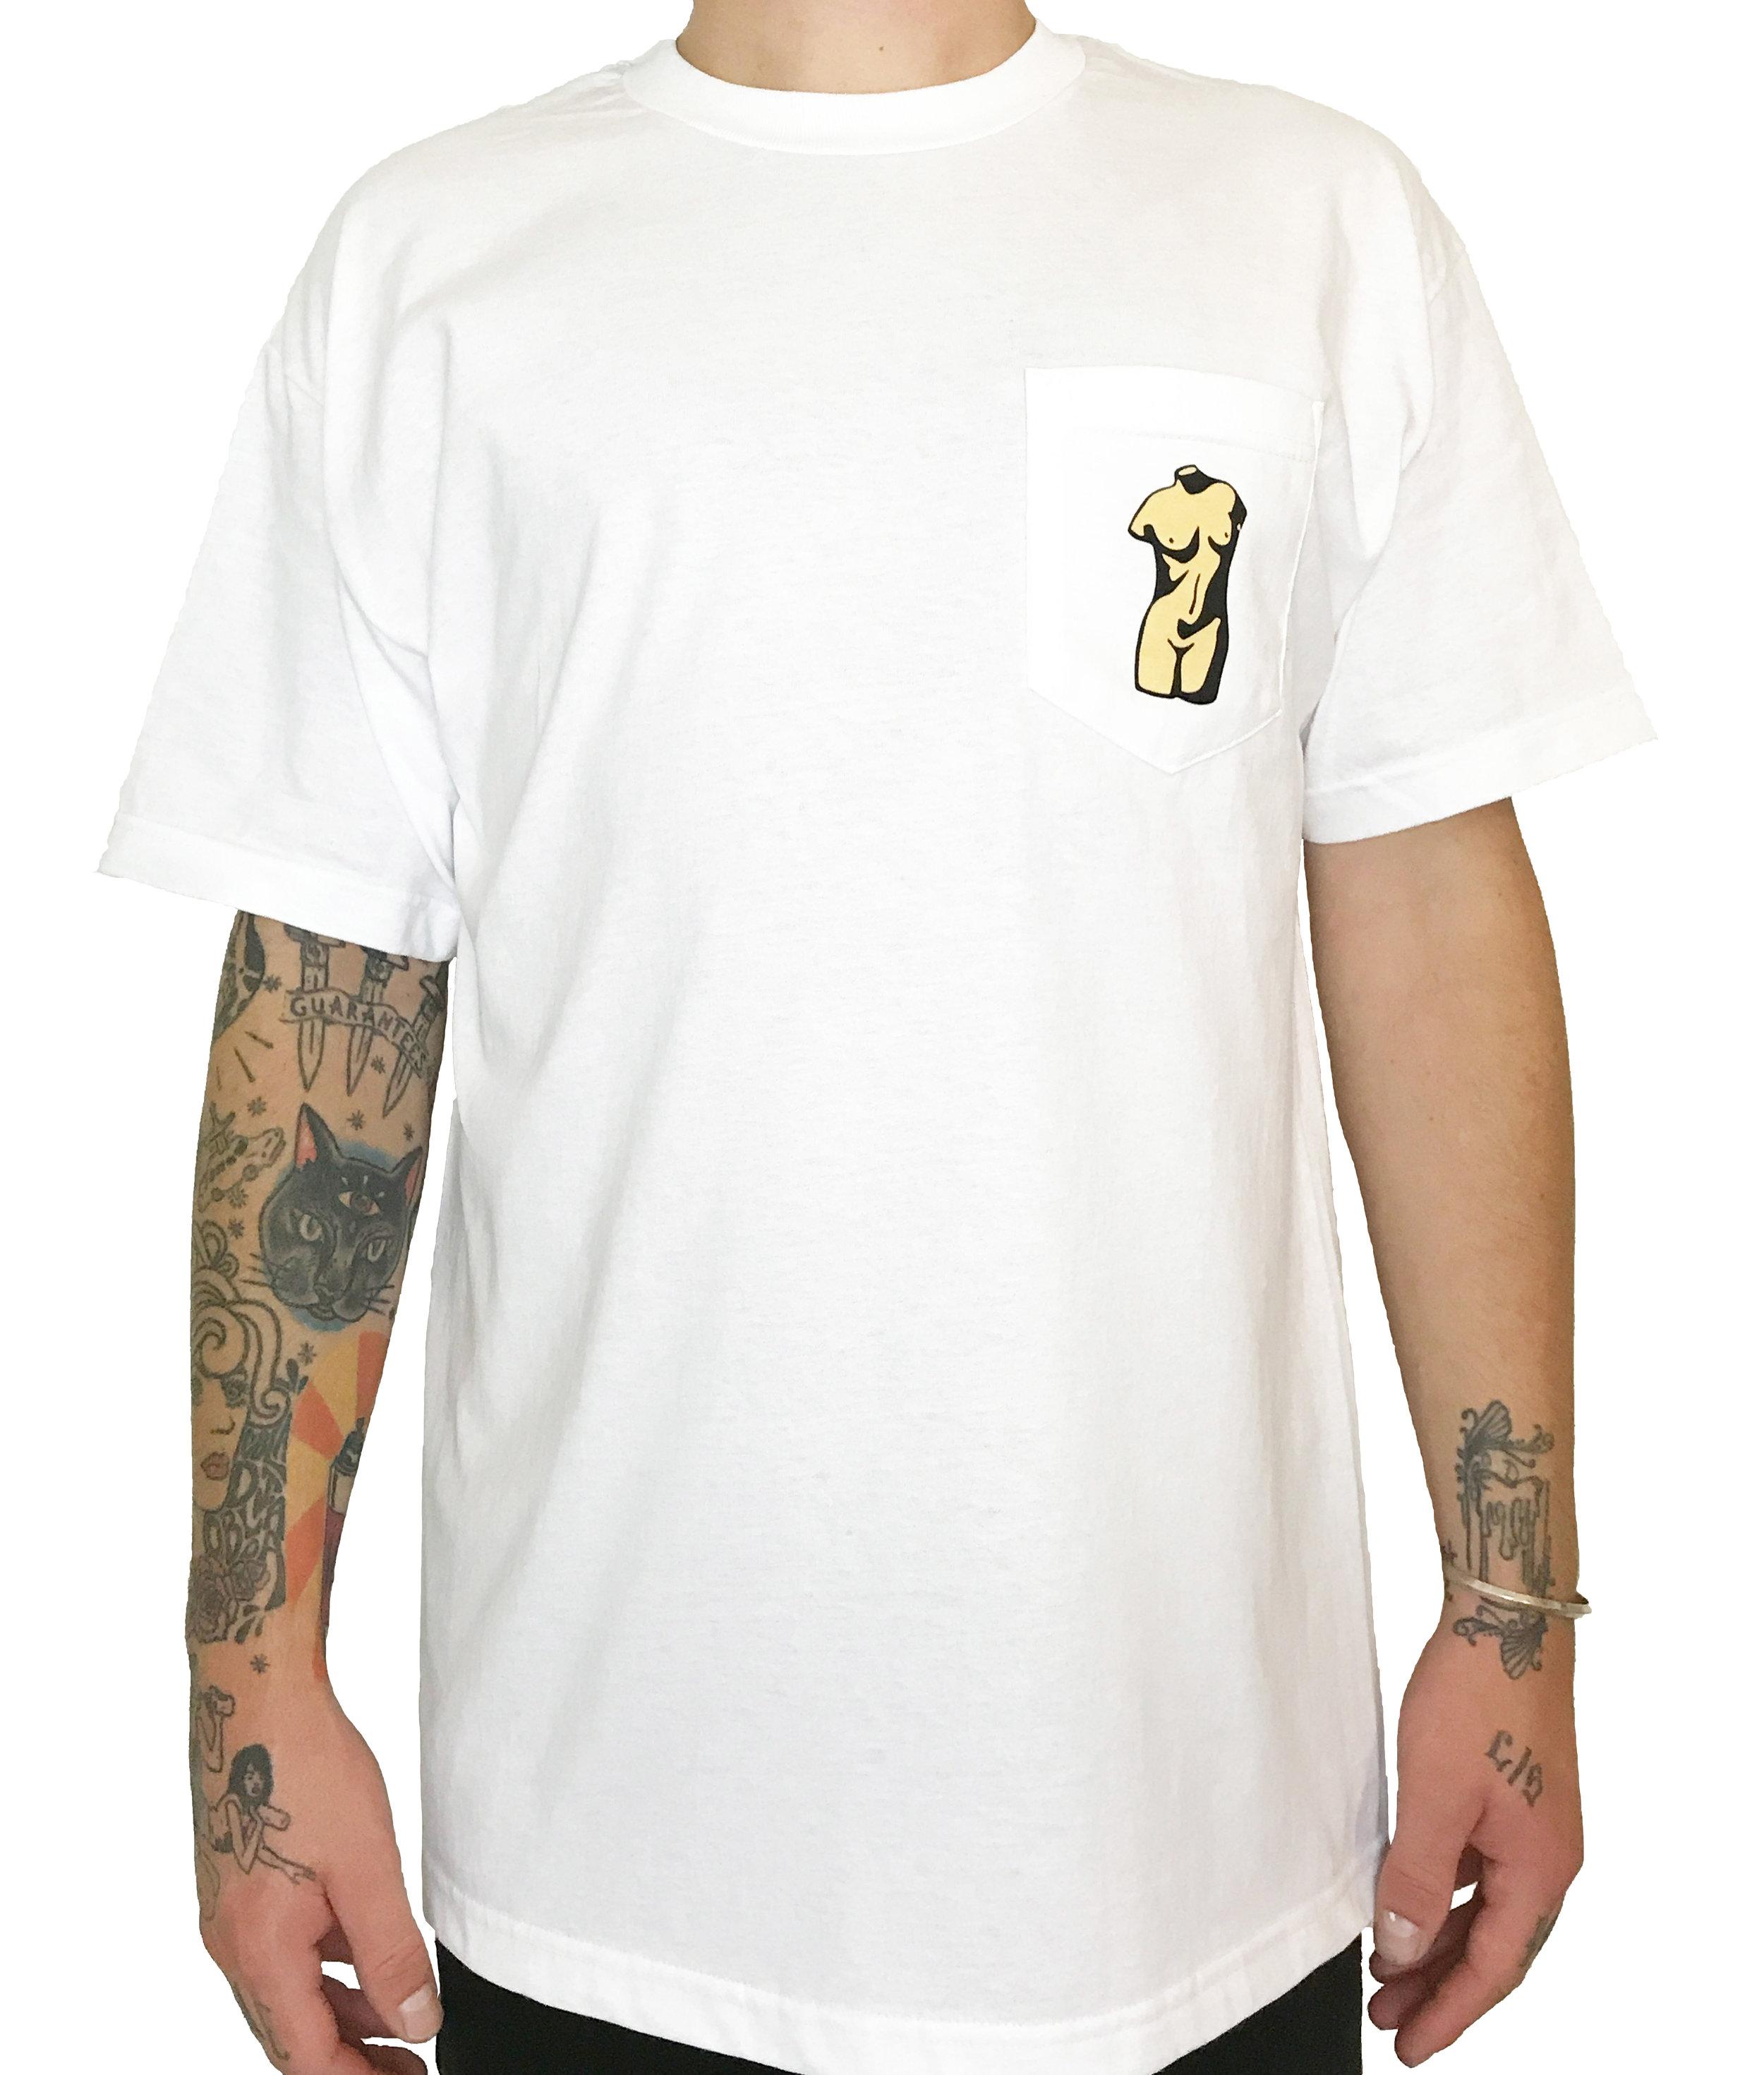 vast-shirtfrontW.jpg